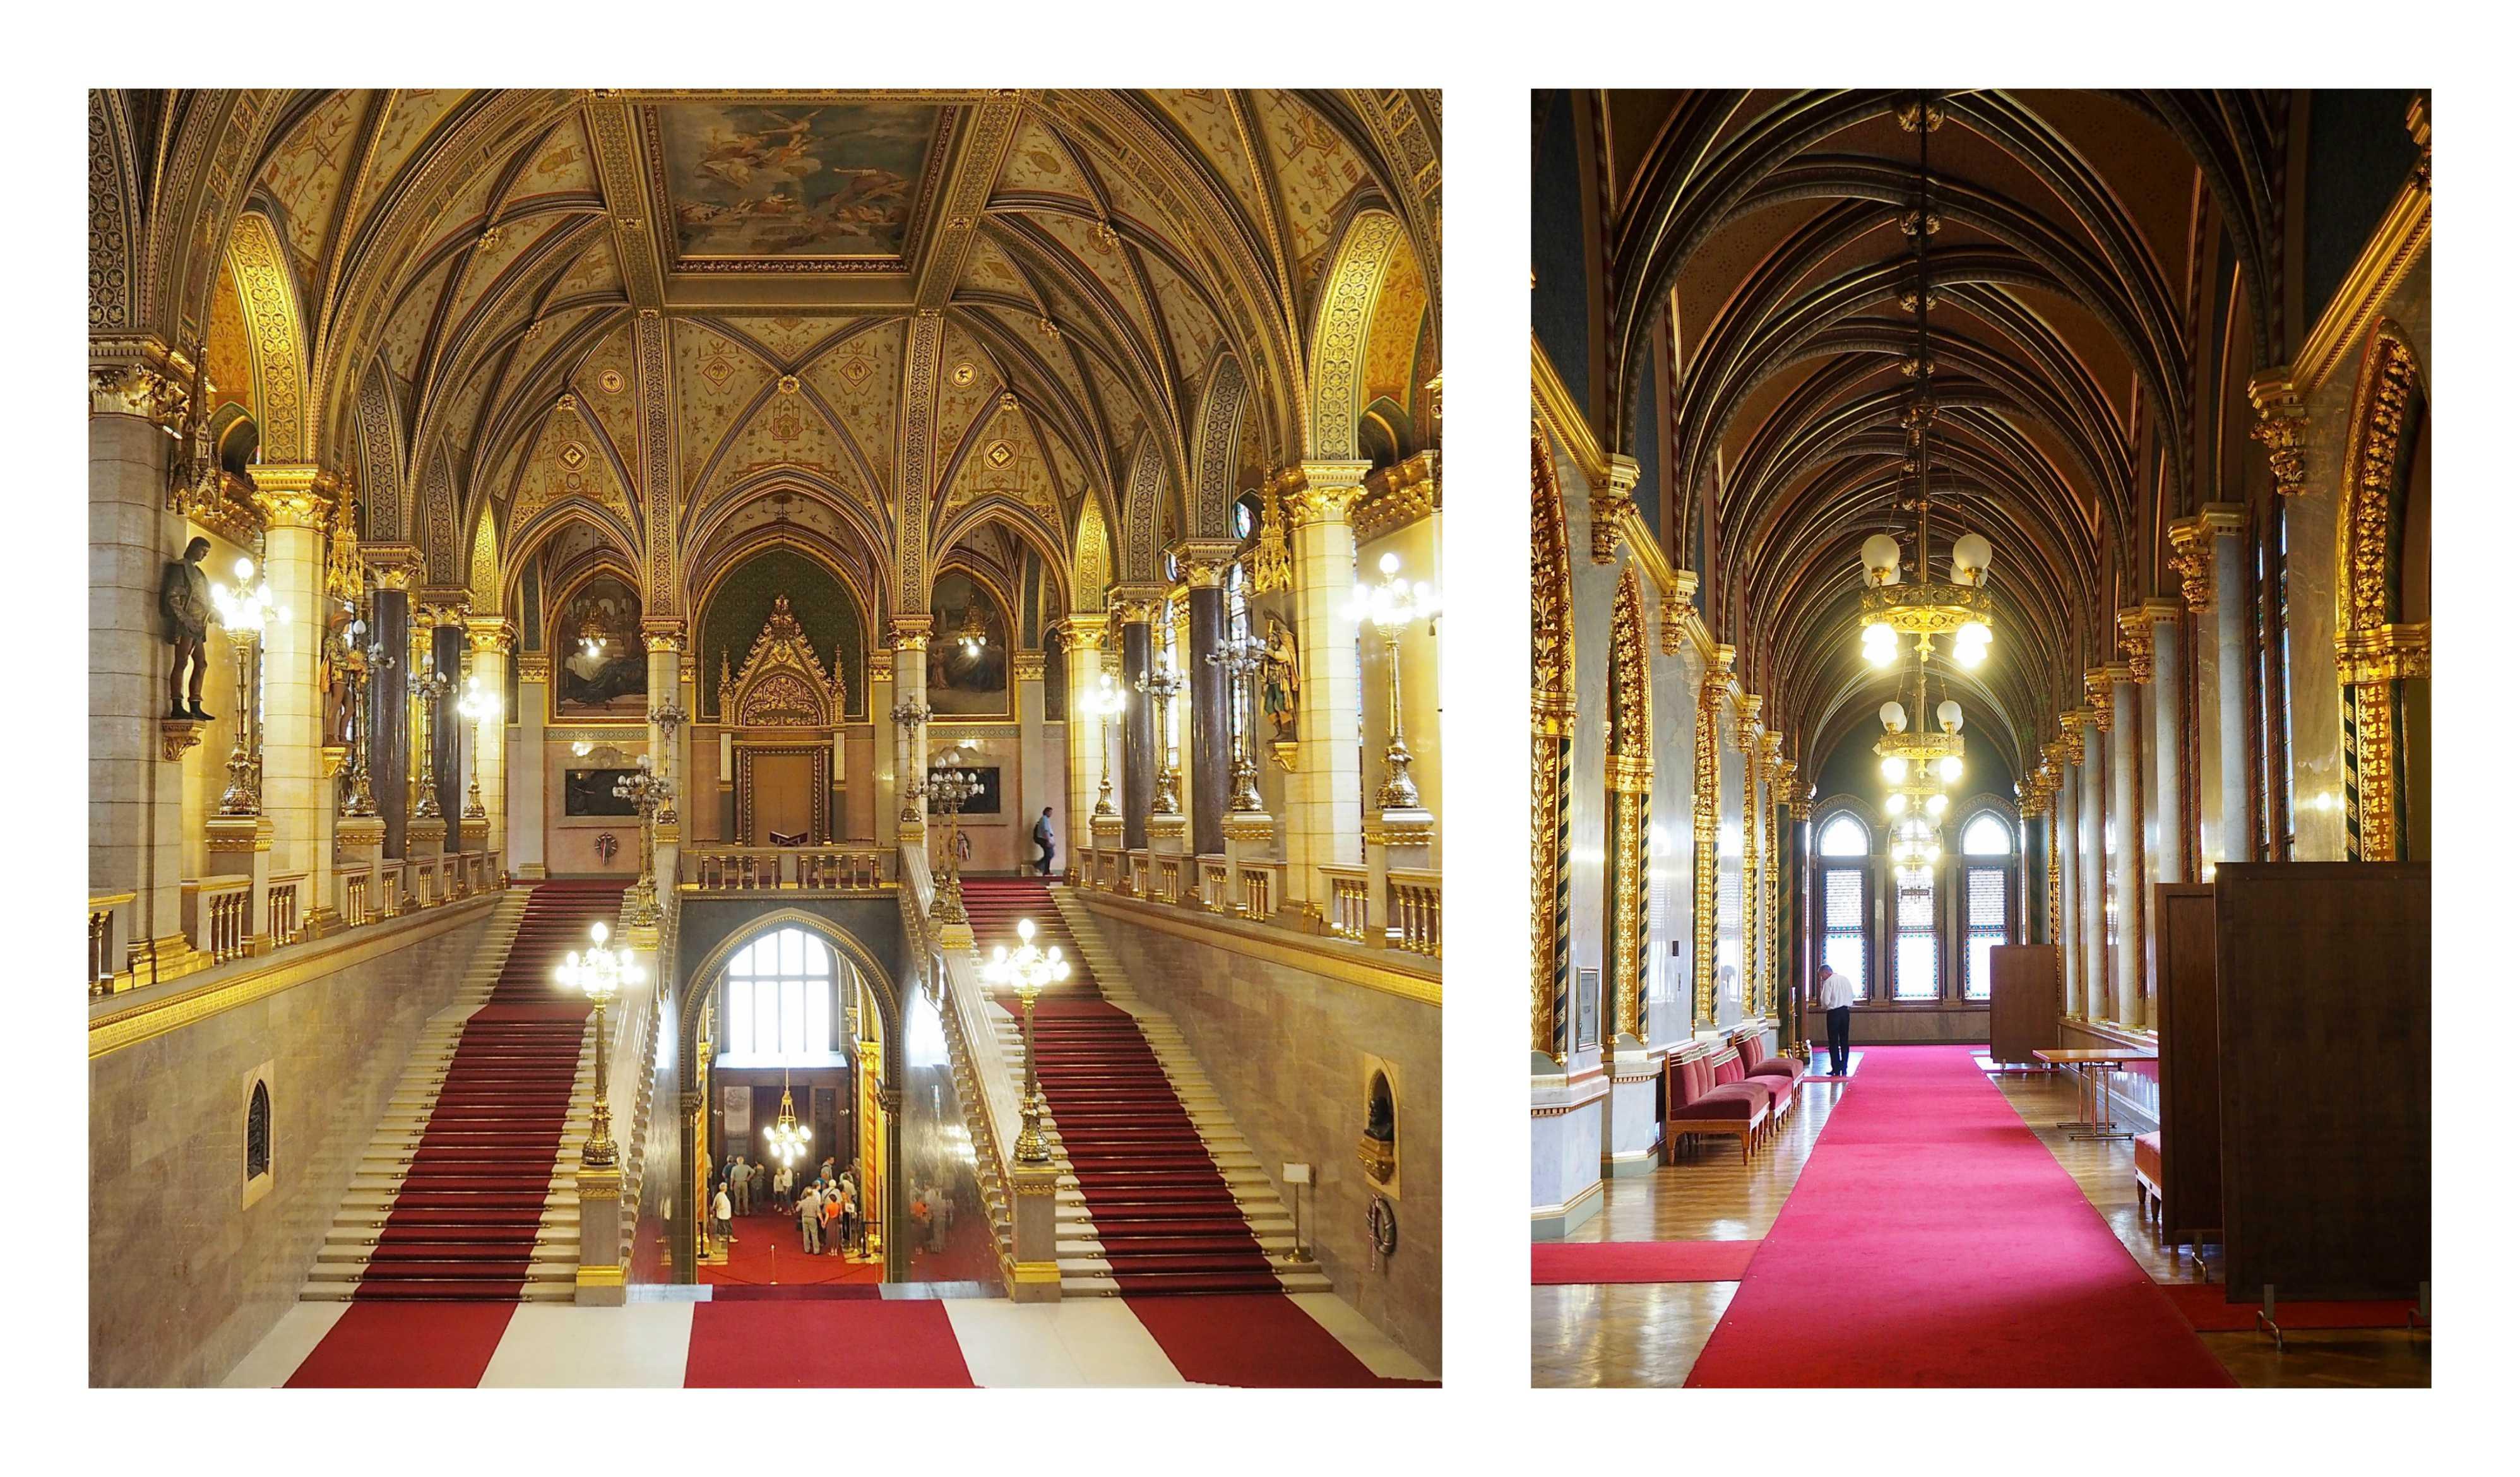 Visite de Budapest en famille, itinéraire sur 5 jours - Intérieur du Parlement